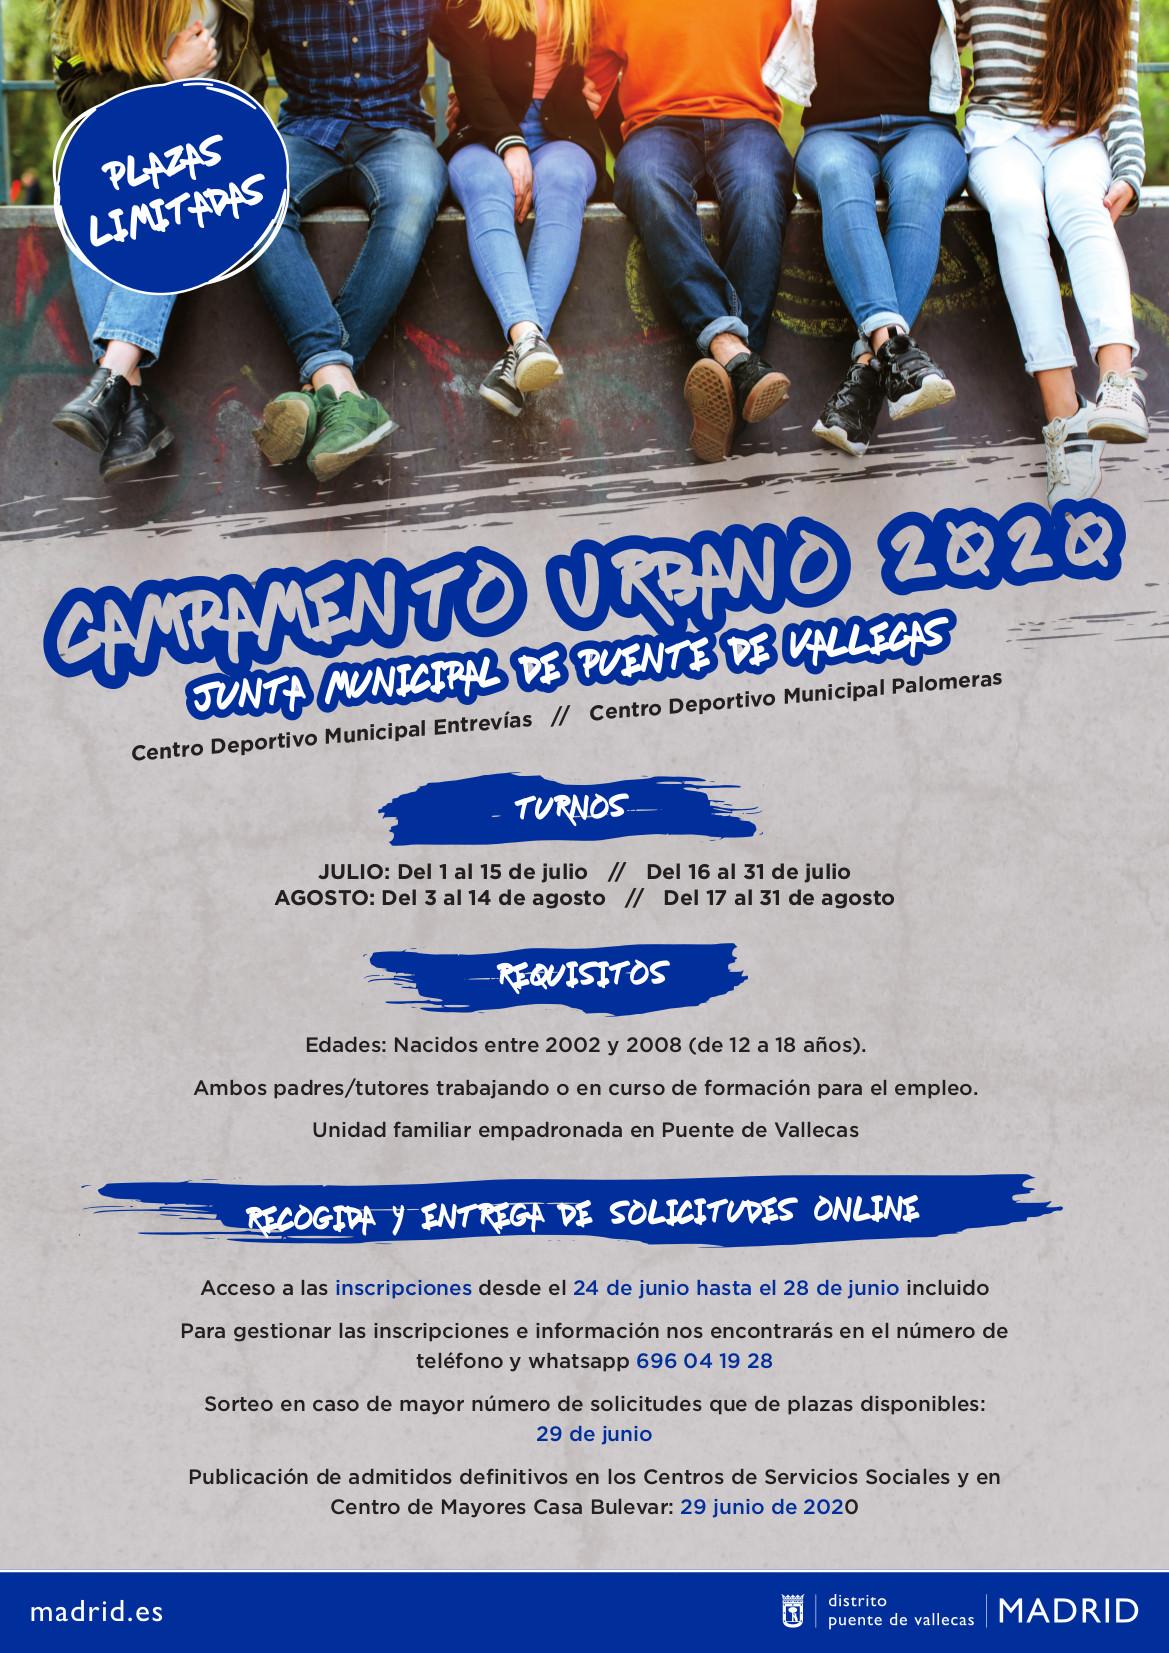 CARTEL campa urbano vallecas verano 2020